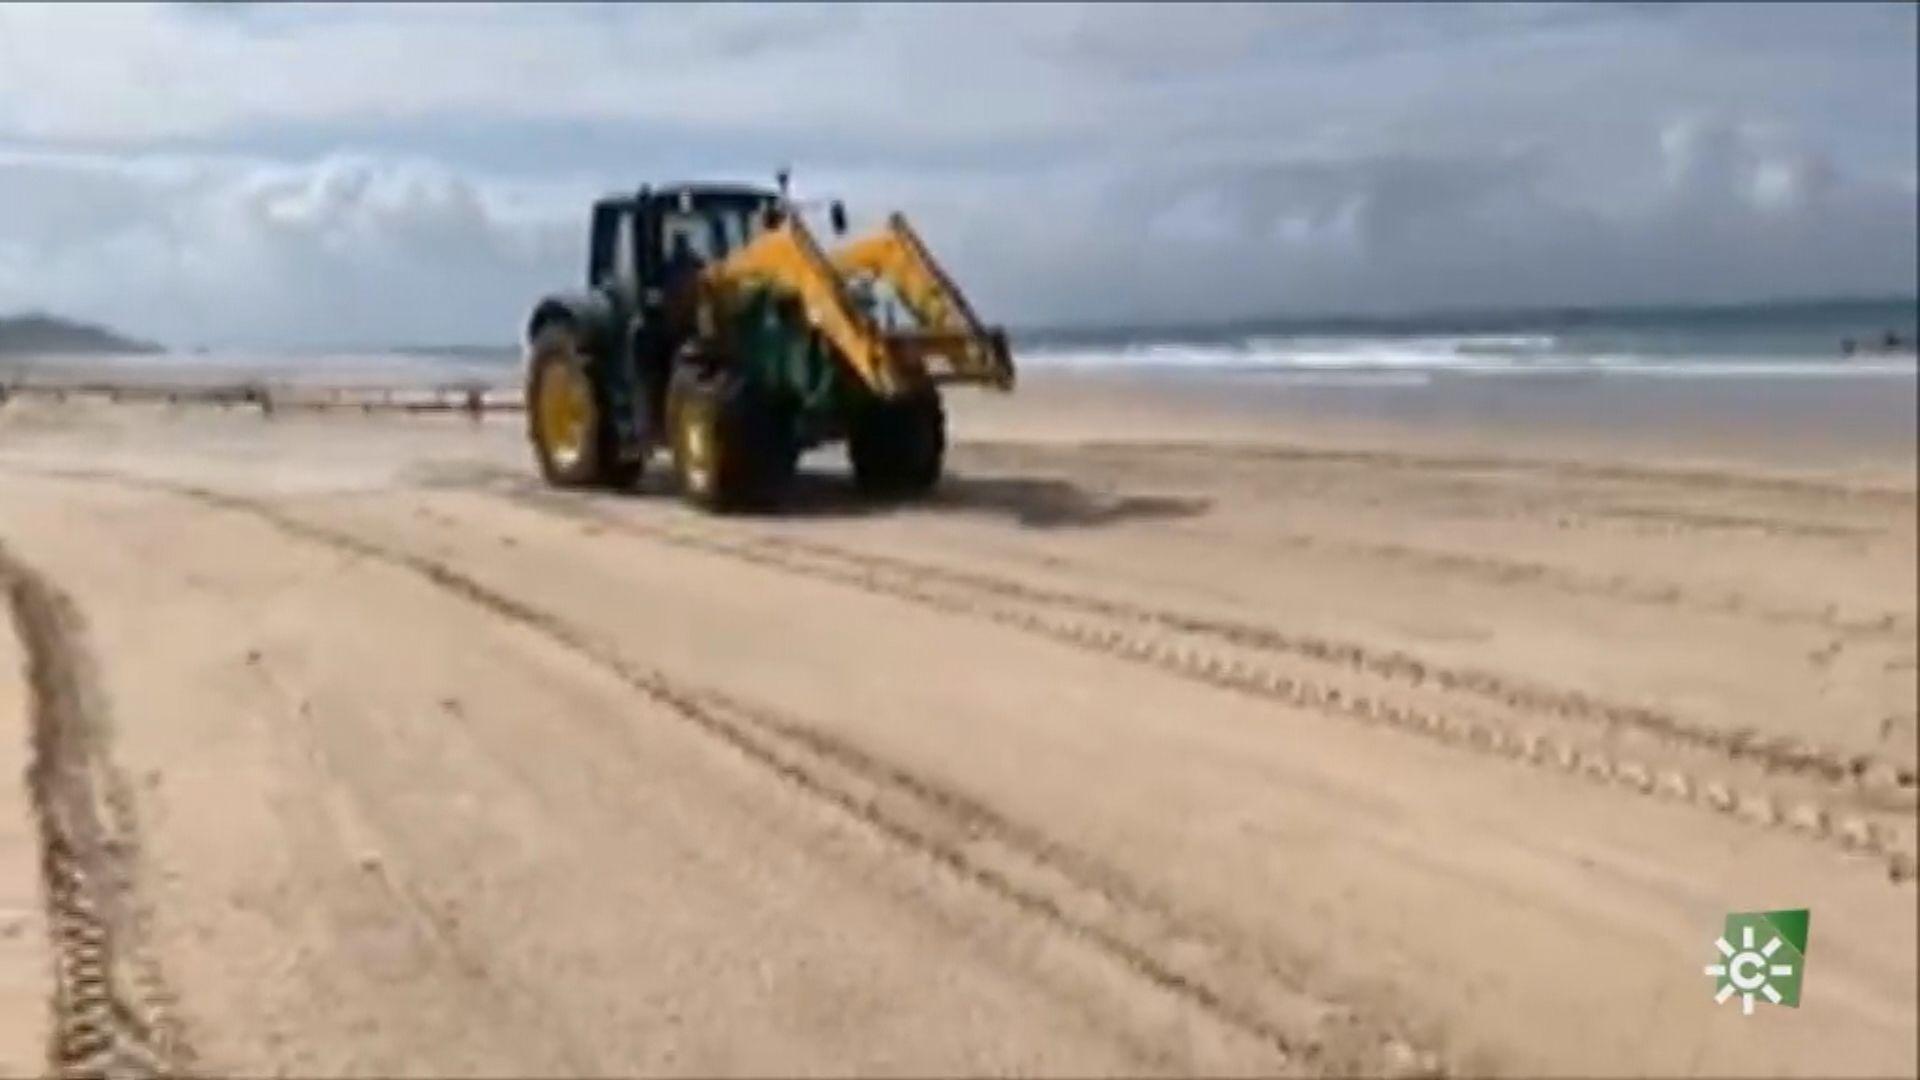 【環球薈報】西班牙官員以漂白水消毒海灘遭抨擊